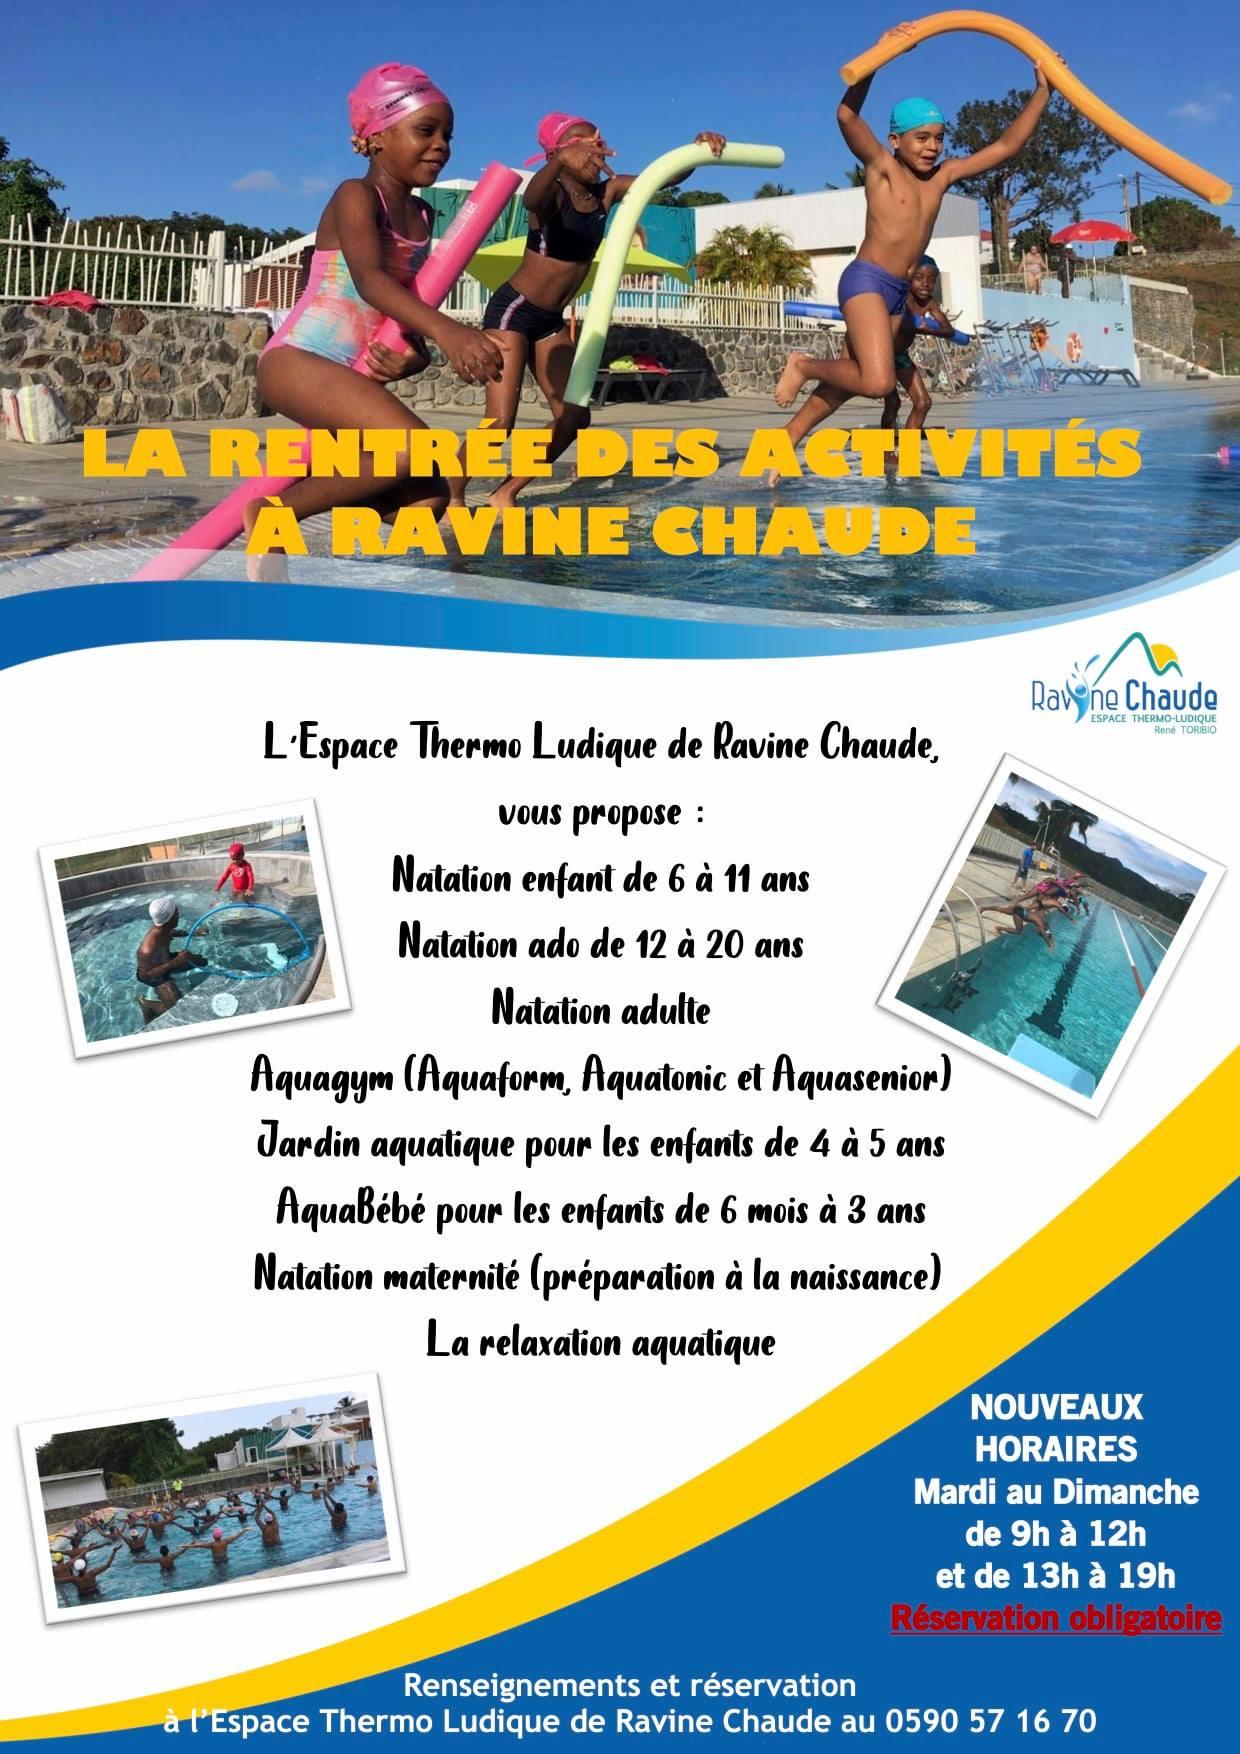 LA RENTRÉE DES ACTIVITÉS DE RAVINE CHAUDE